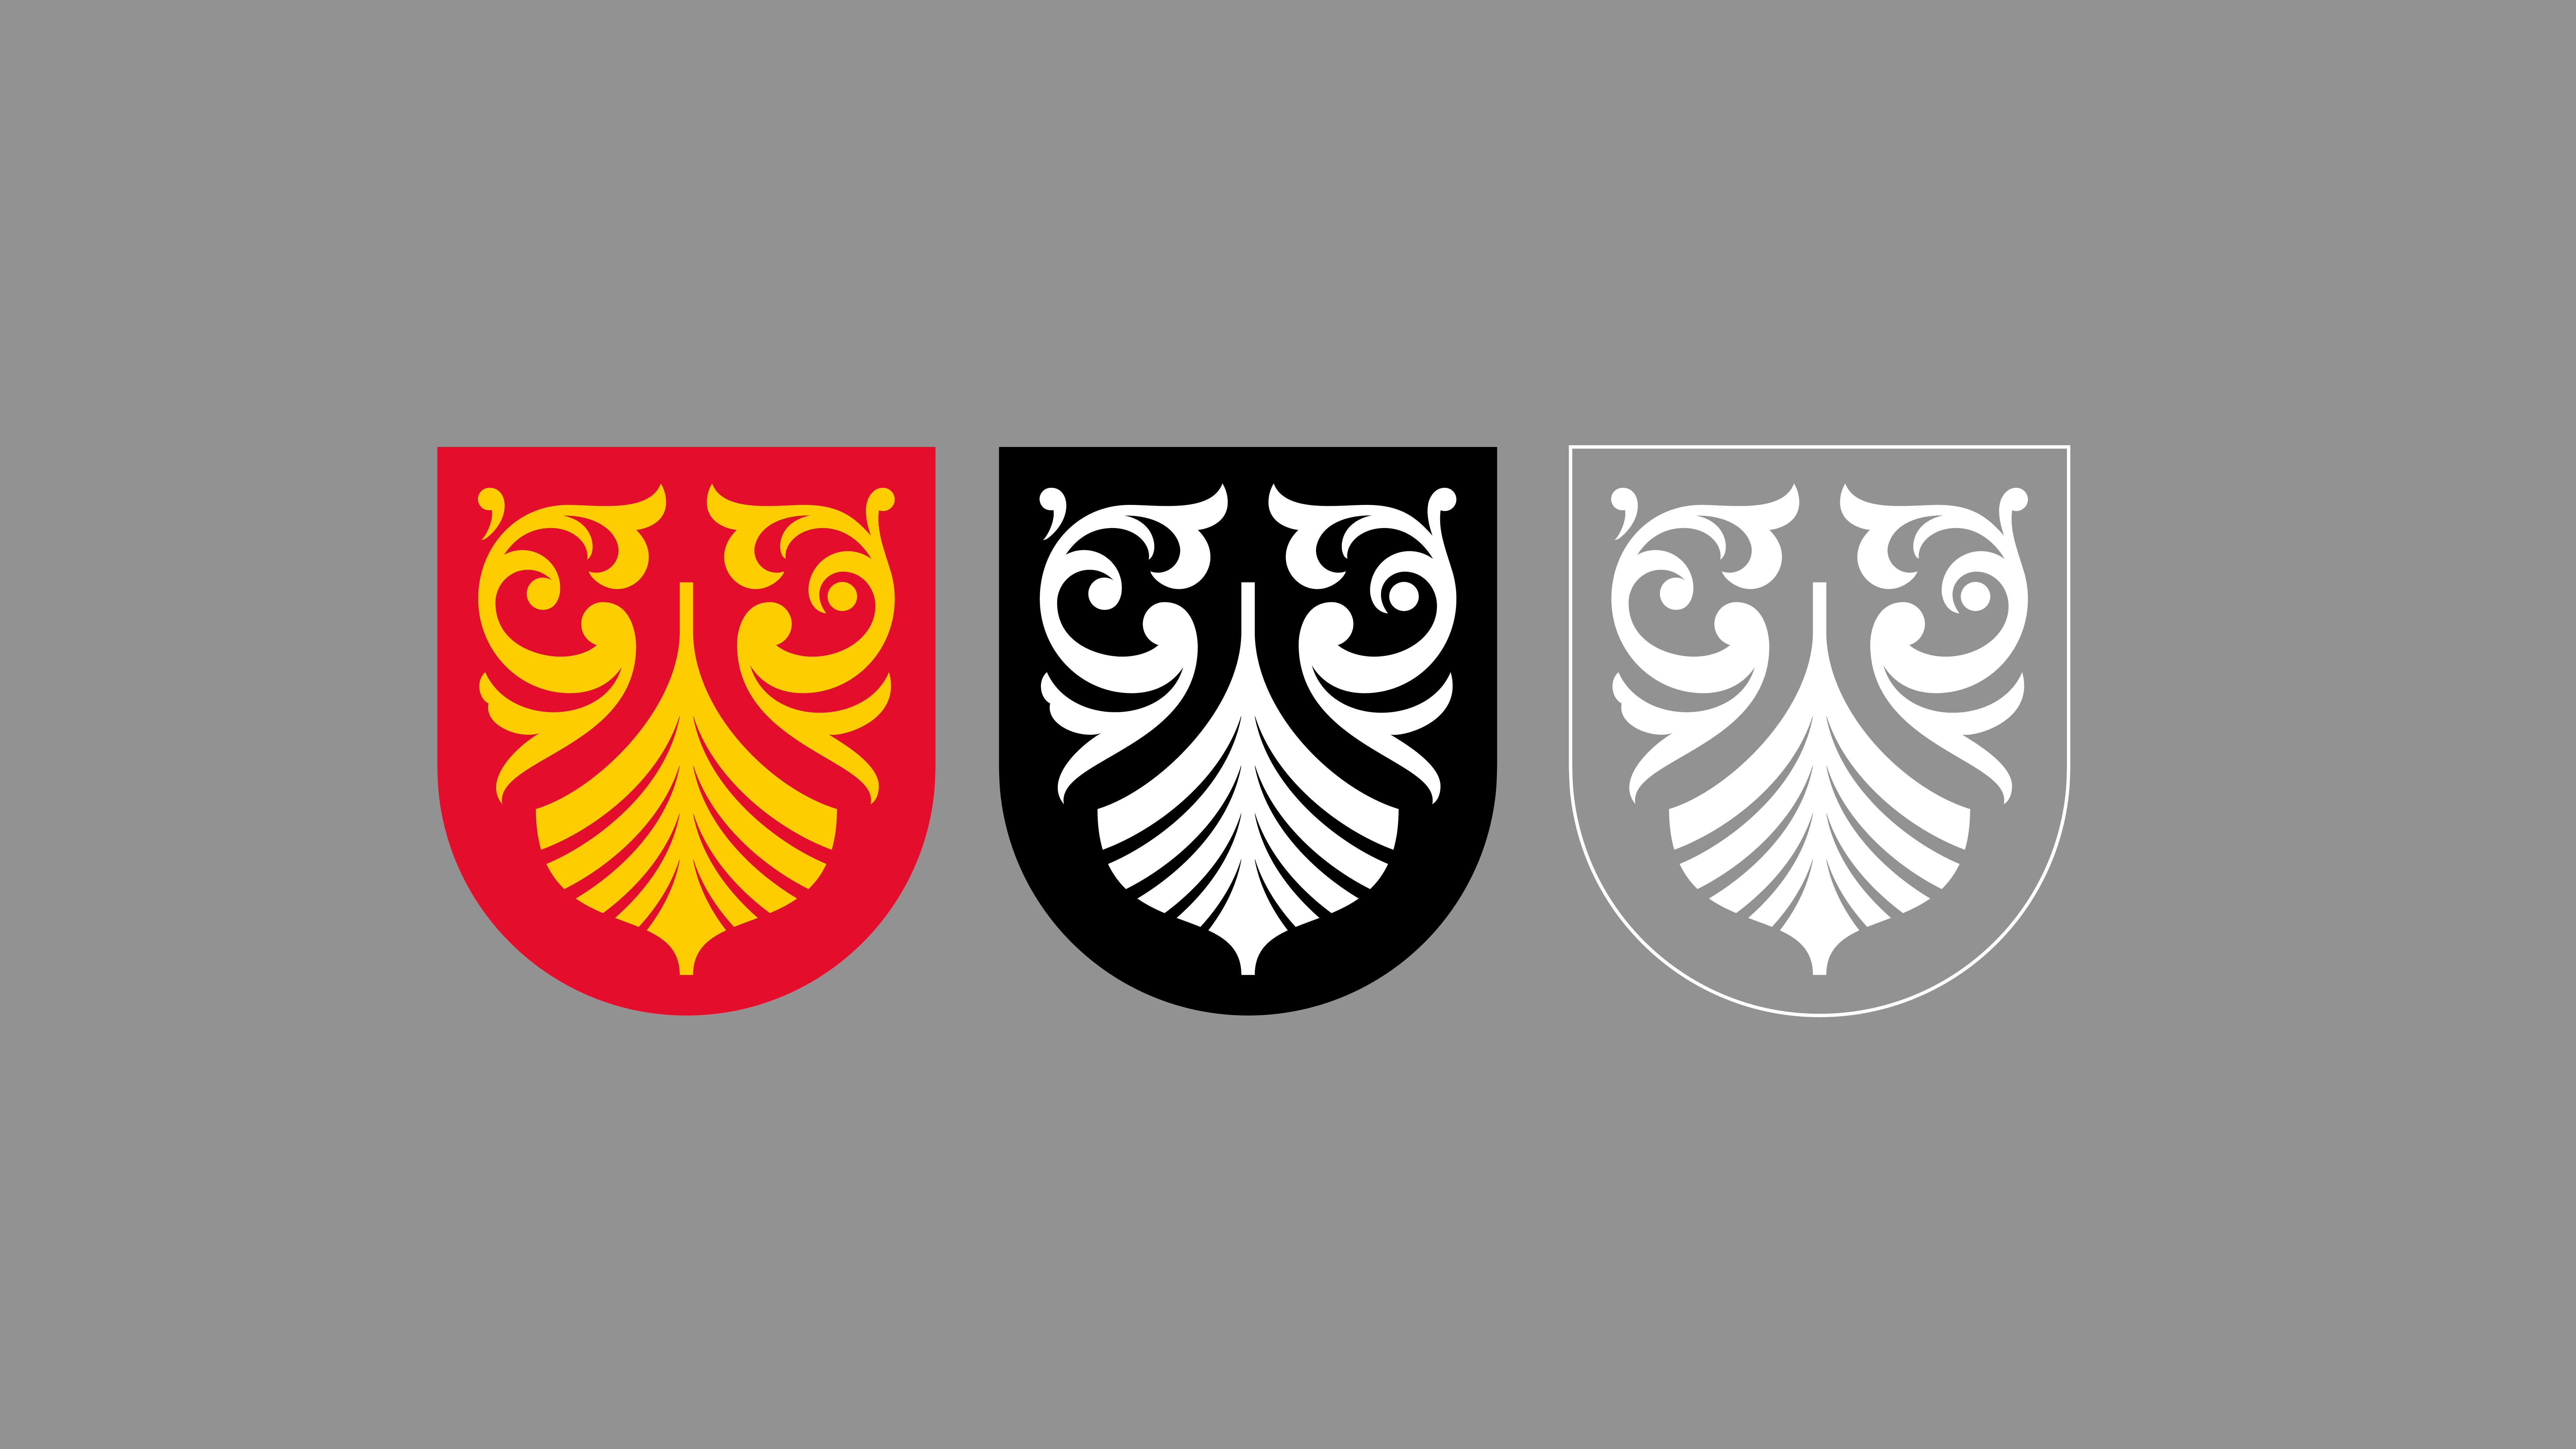 Fylkesvåpenet i ulike versjoner.